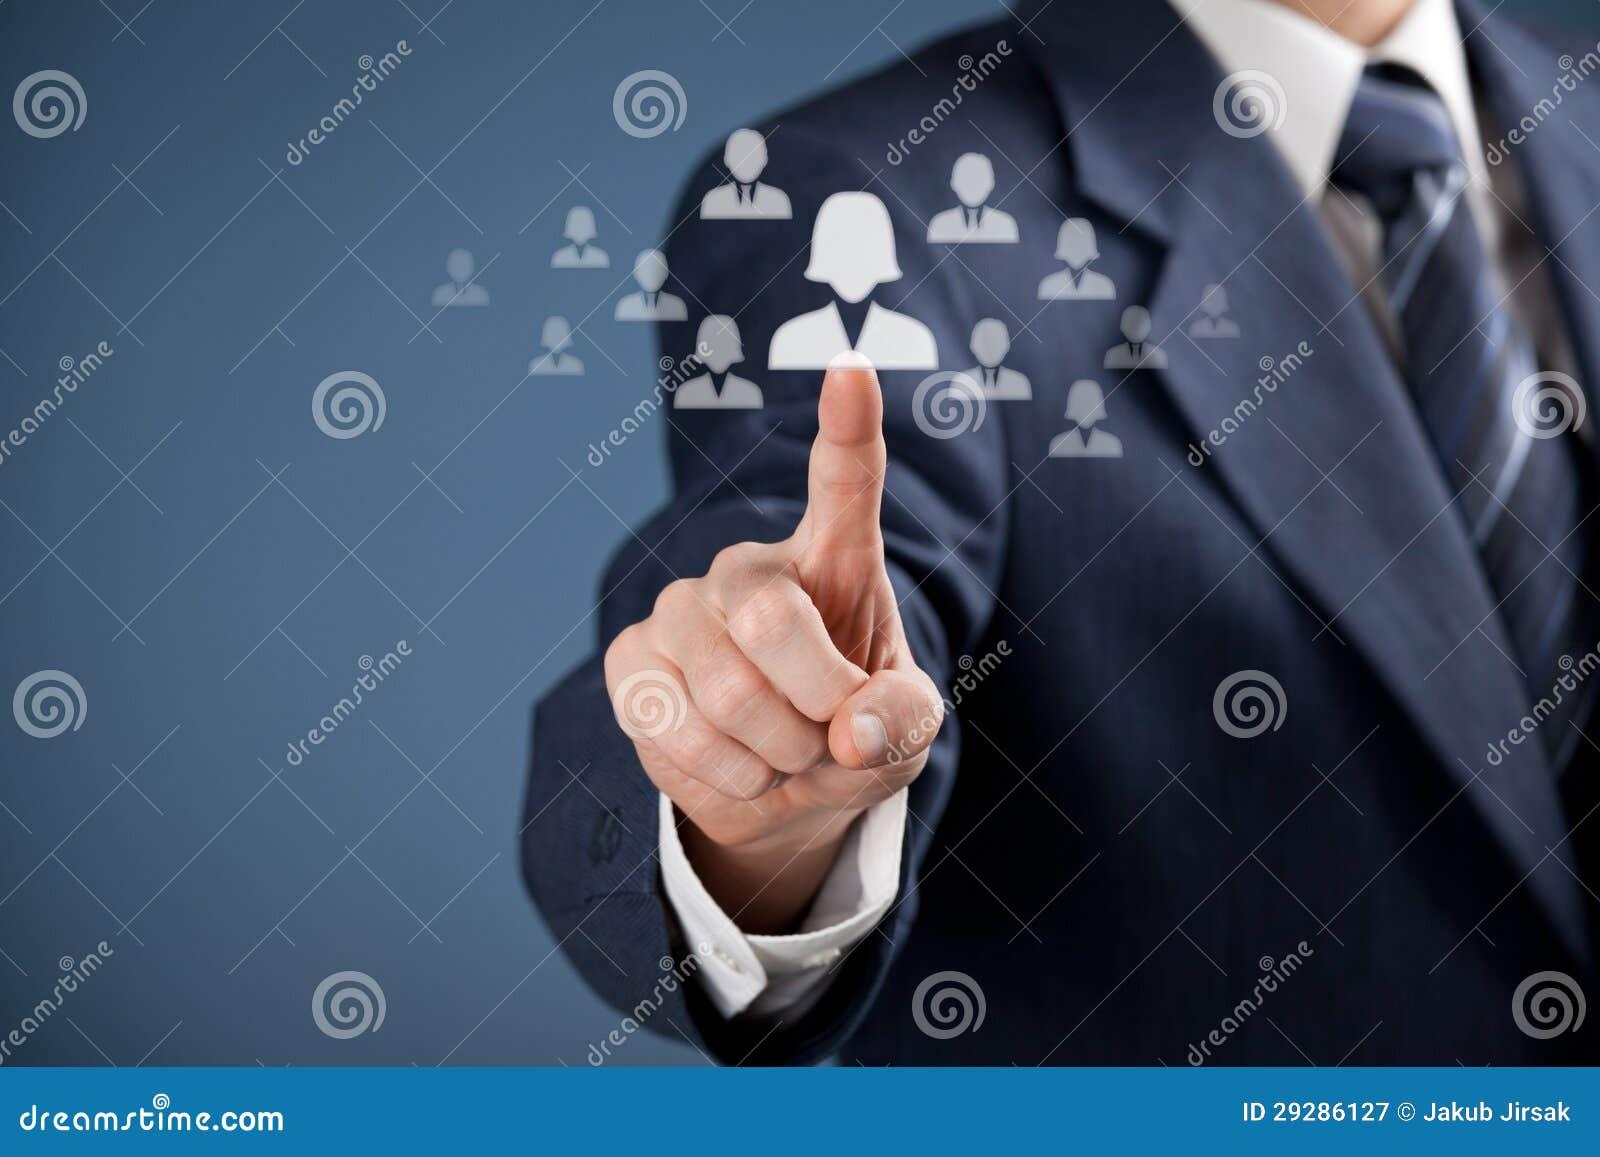 Boss employee relationship - 2 part 7